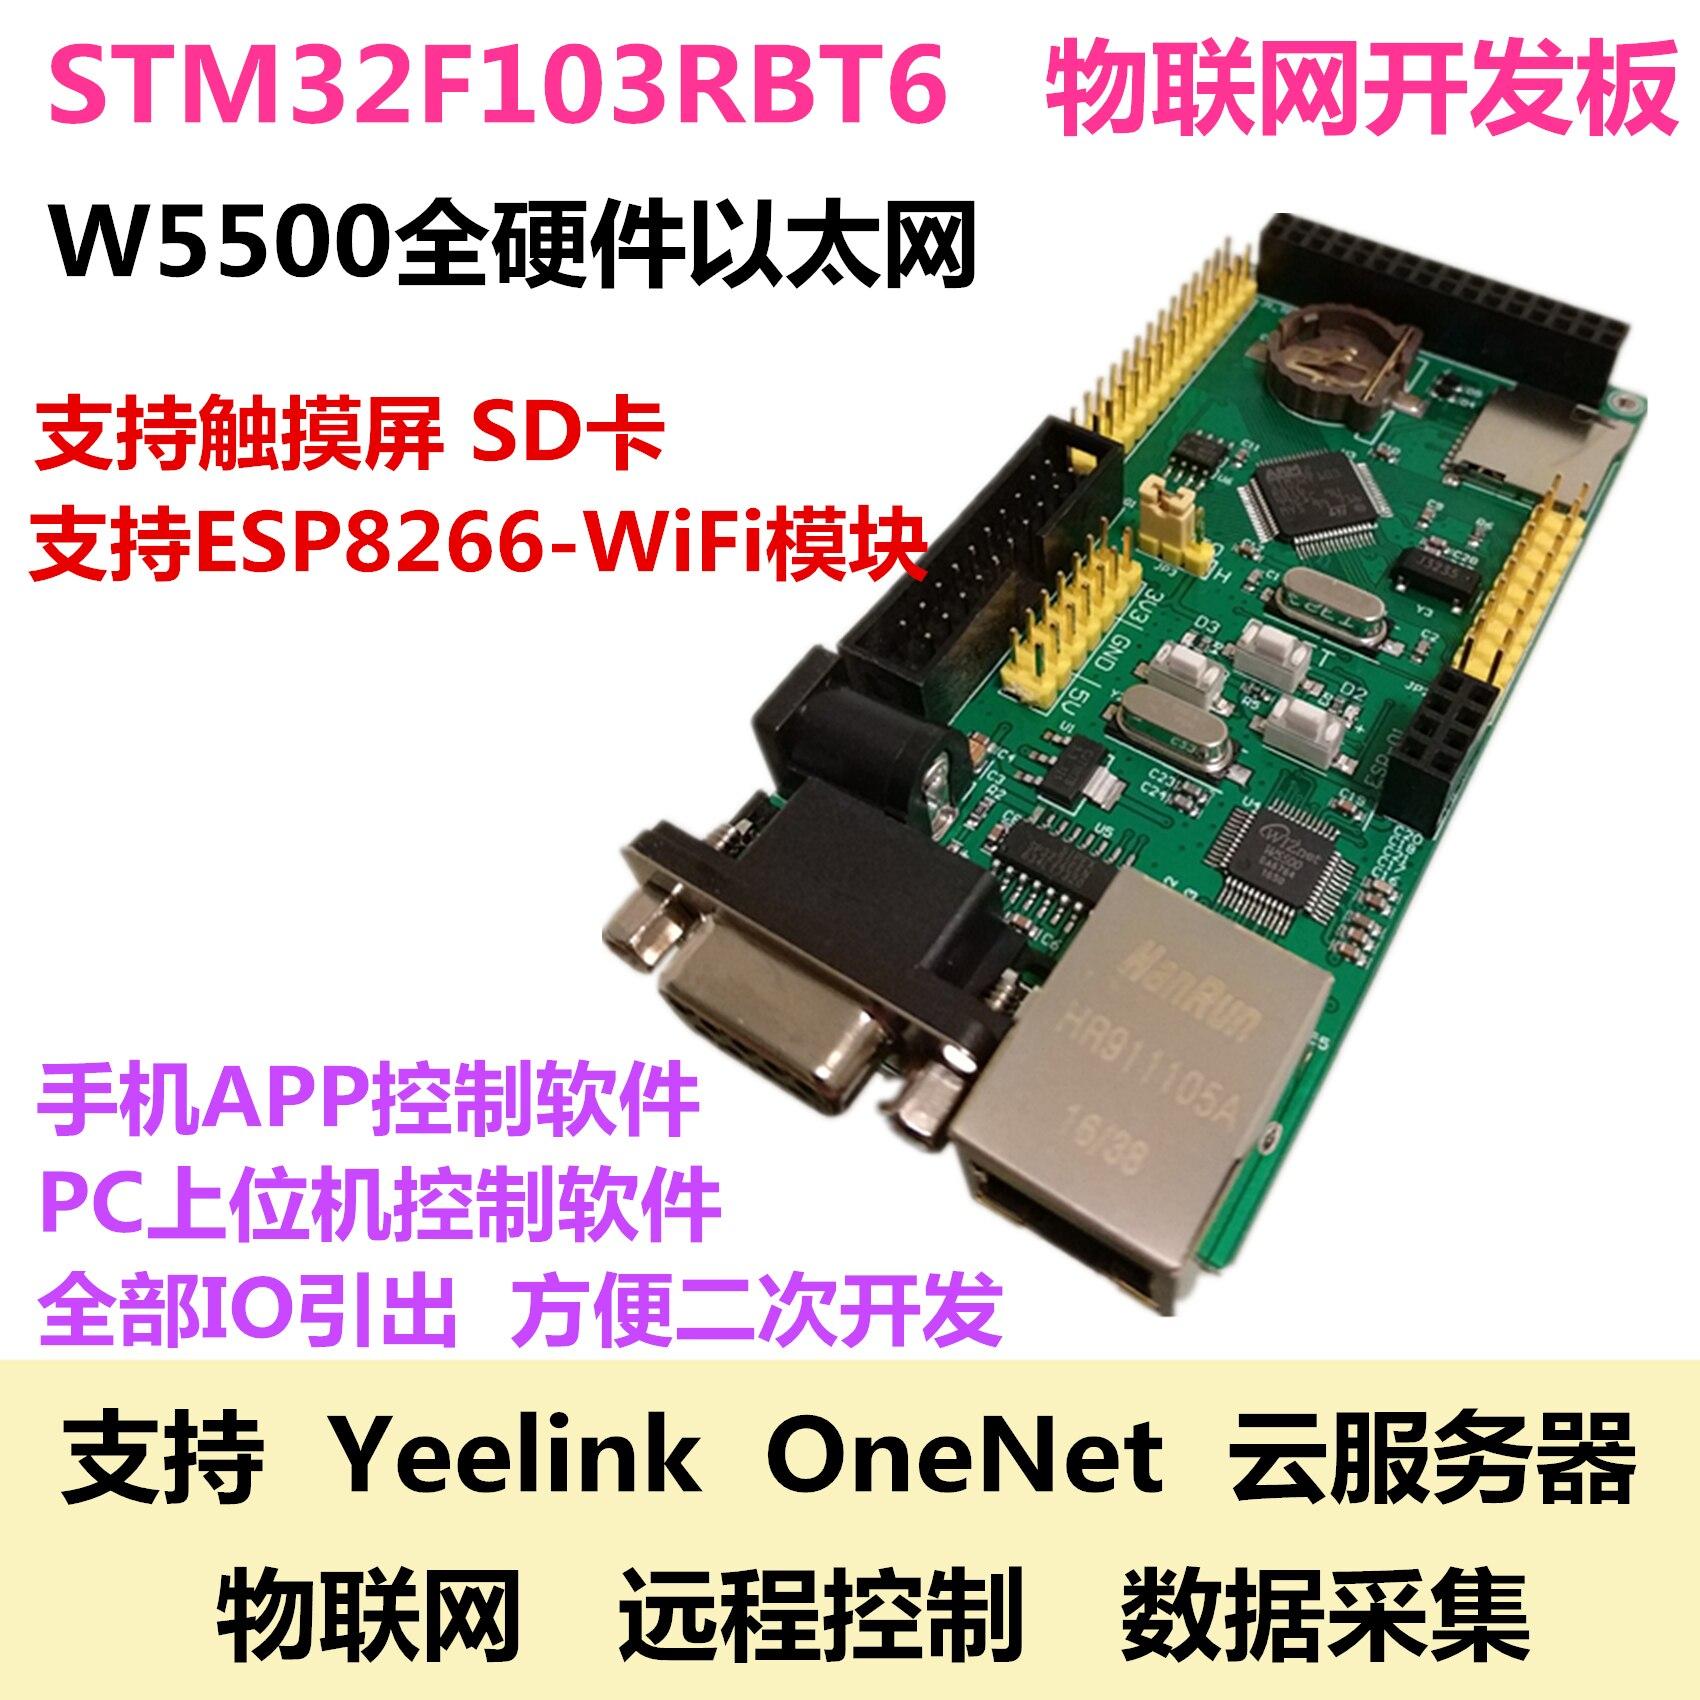 STM32 Internet of Things WiFi Stm32f103rbt6 W5500 Development Board Hardware Ethernet Module<br>